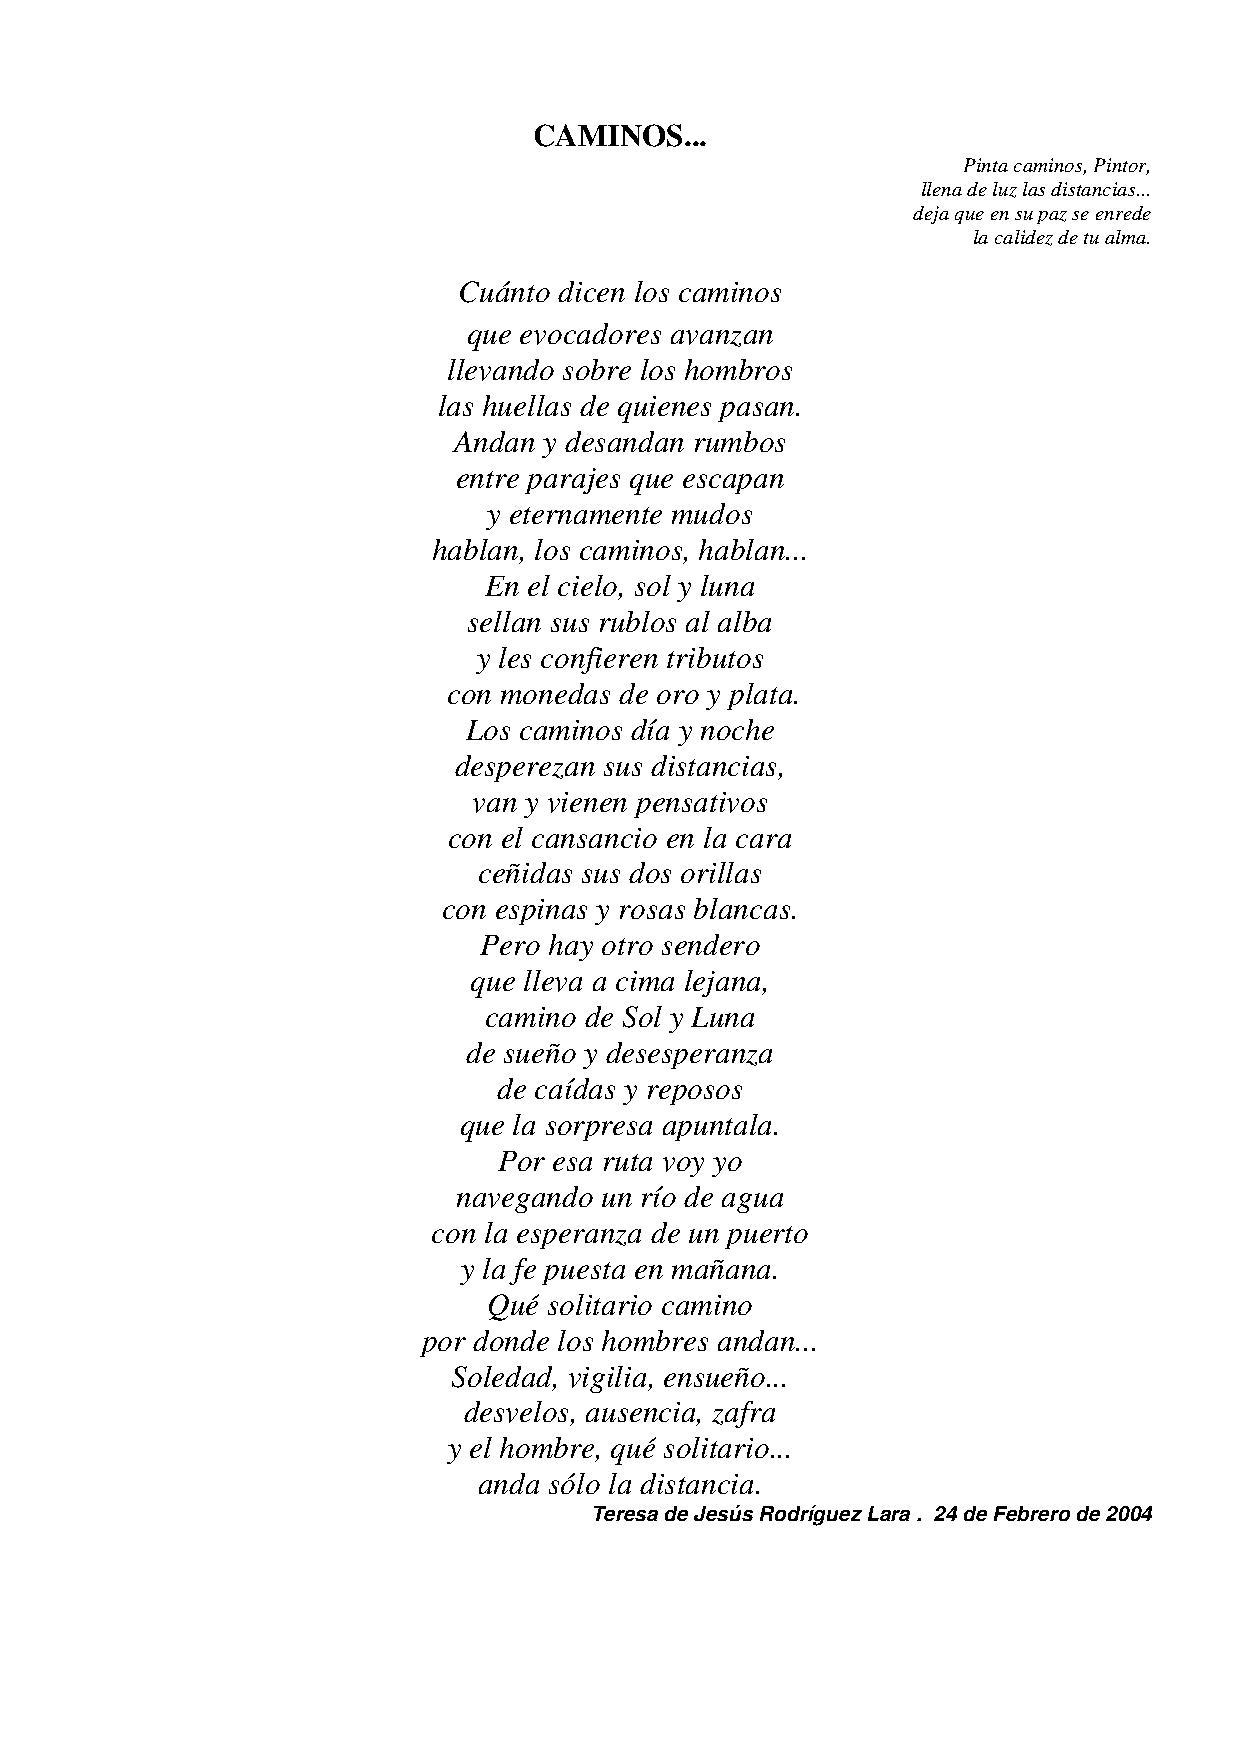 Textos_Poesias__selección_7.jpg